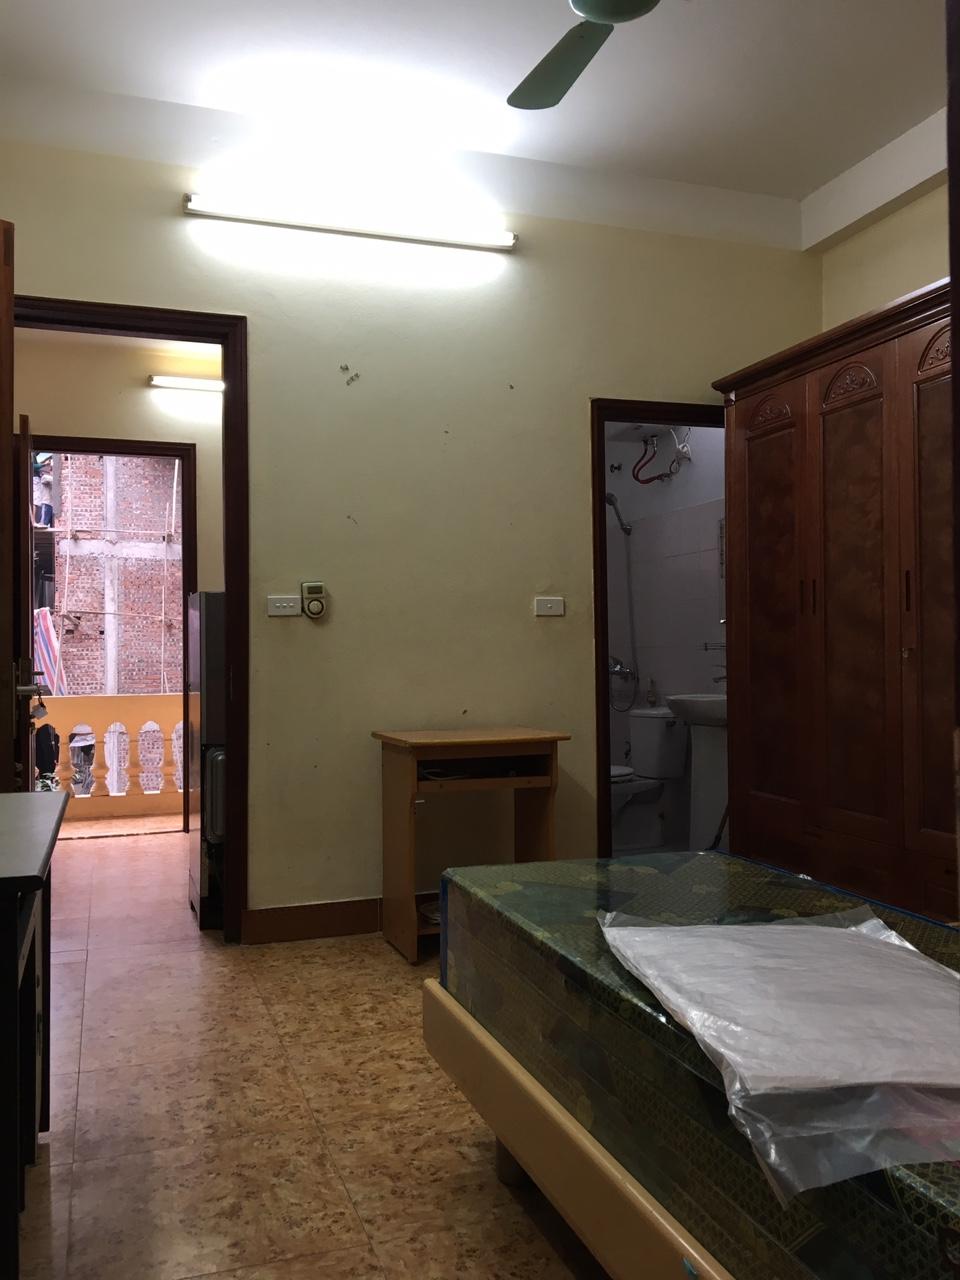 4 Cần cho thuê căn hộ chung cư mini đẹp Ba Đình, thang máy, ô tô cách 30m, đủ tiện nghi,